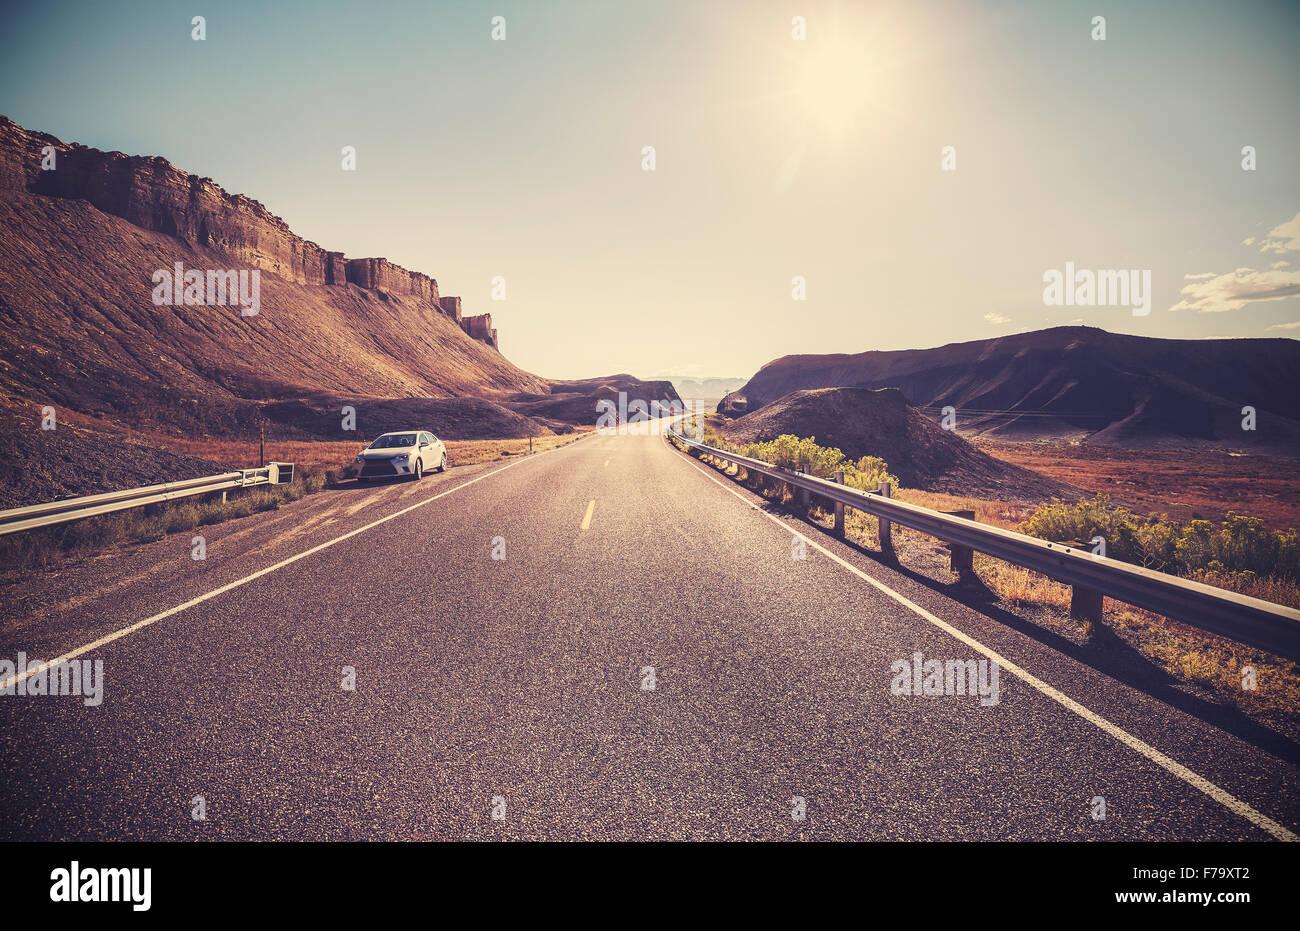 L'autoroute du désert aux couleurs rétro contre le soleil, travel concept. Banque D'Images